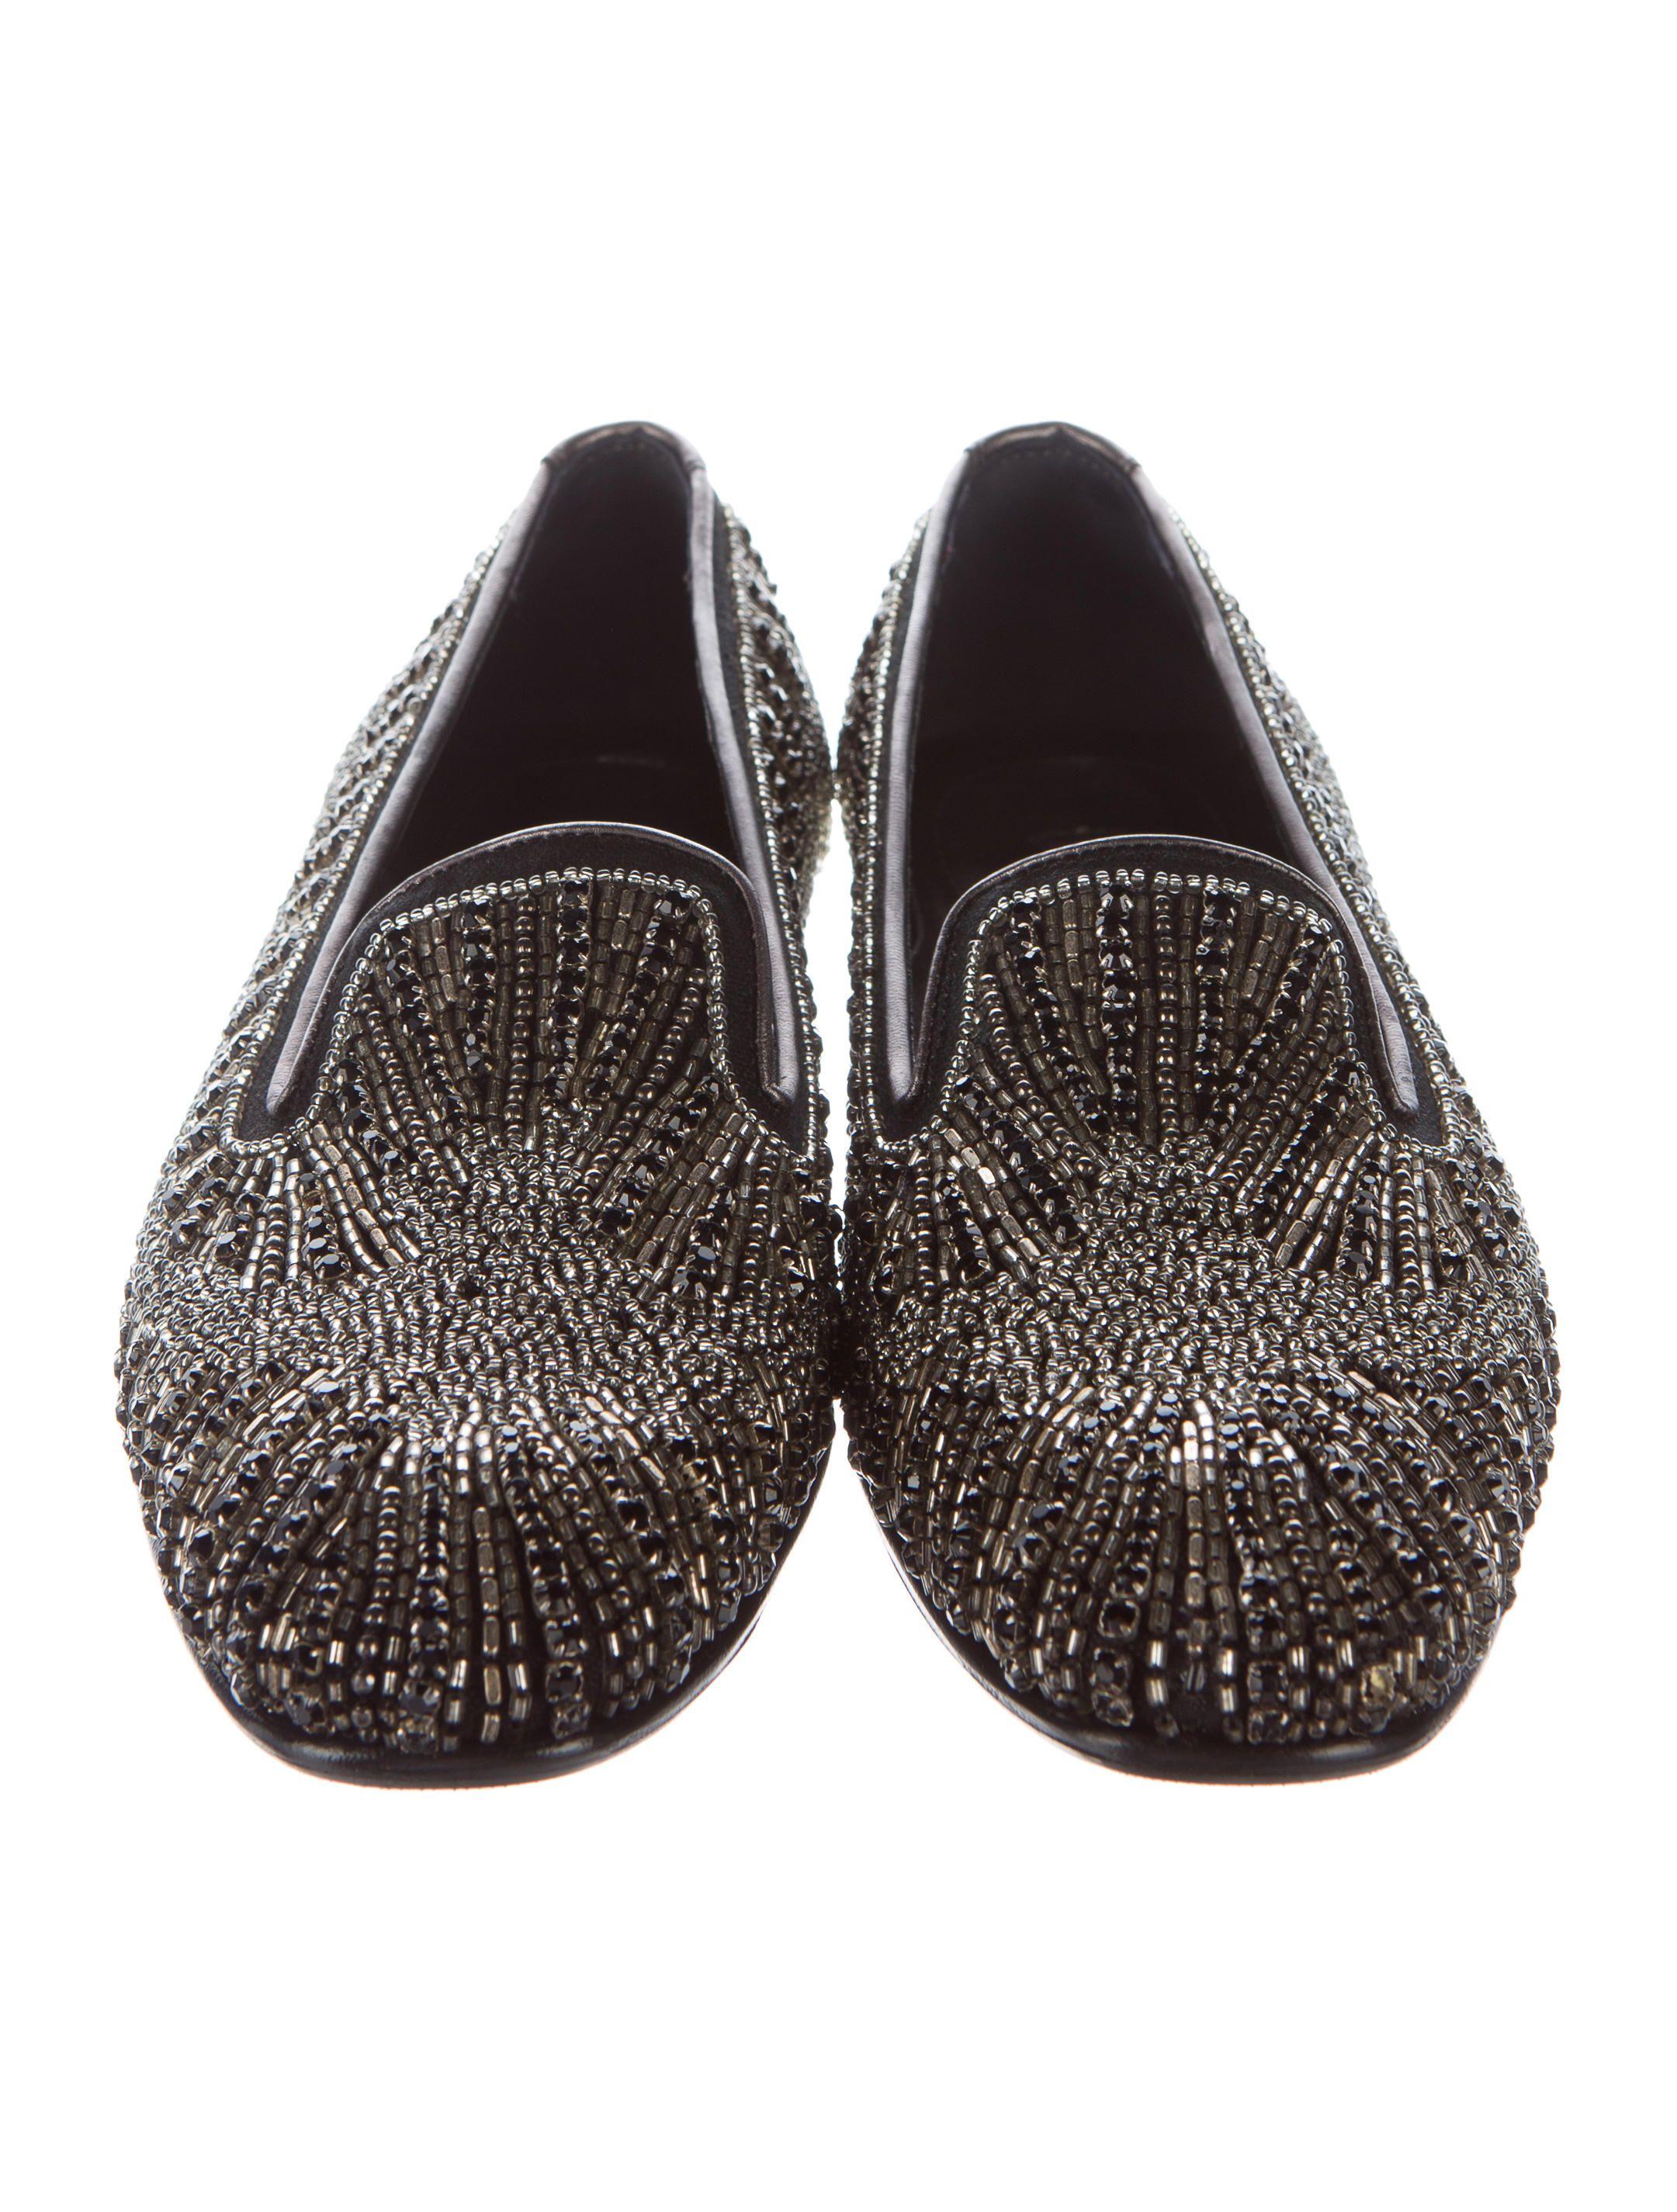 9289c8f6cc5 Donald J Pliner Embellished Round-Toe Loafers - Shoes - WDJ20118